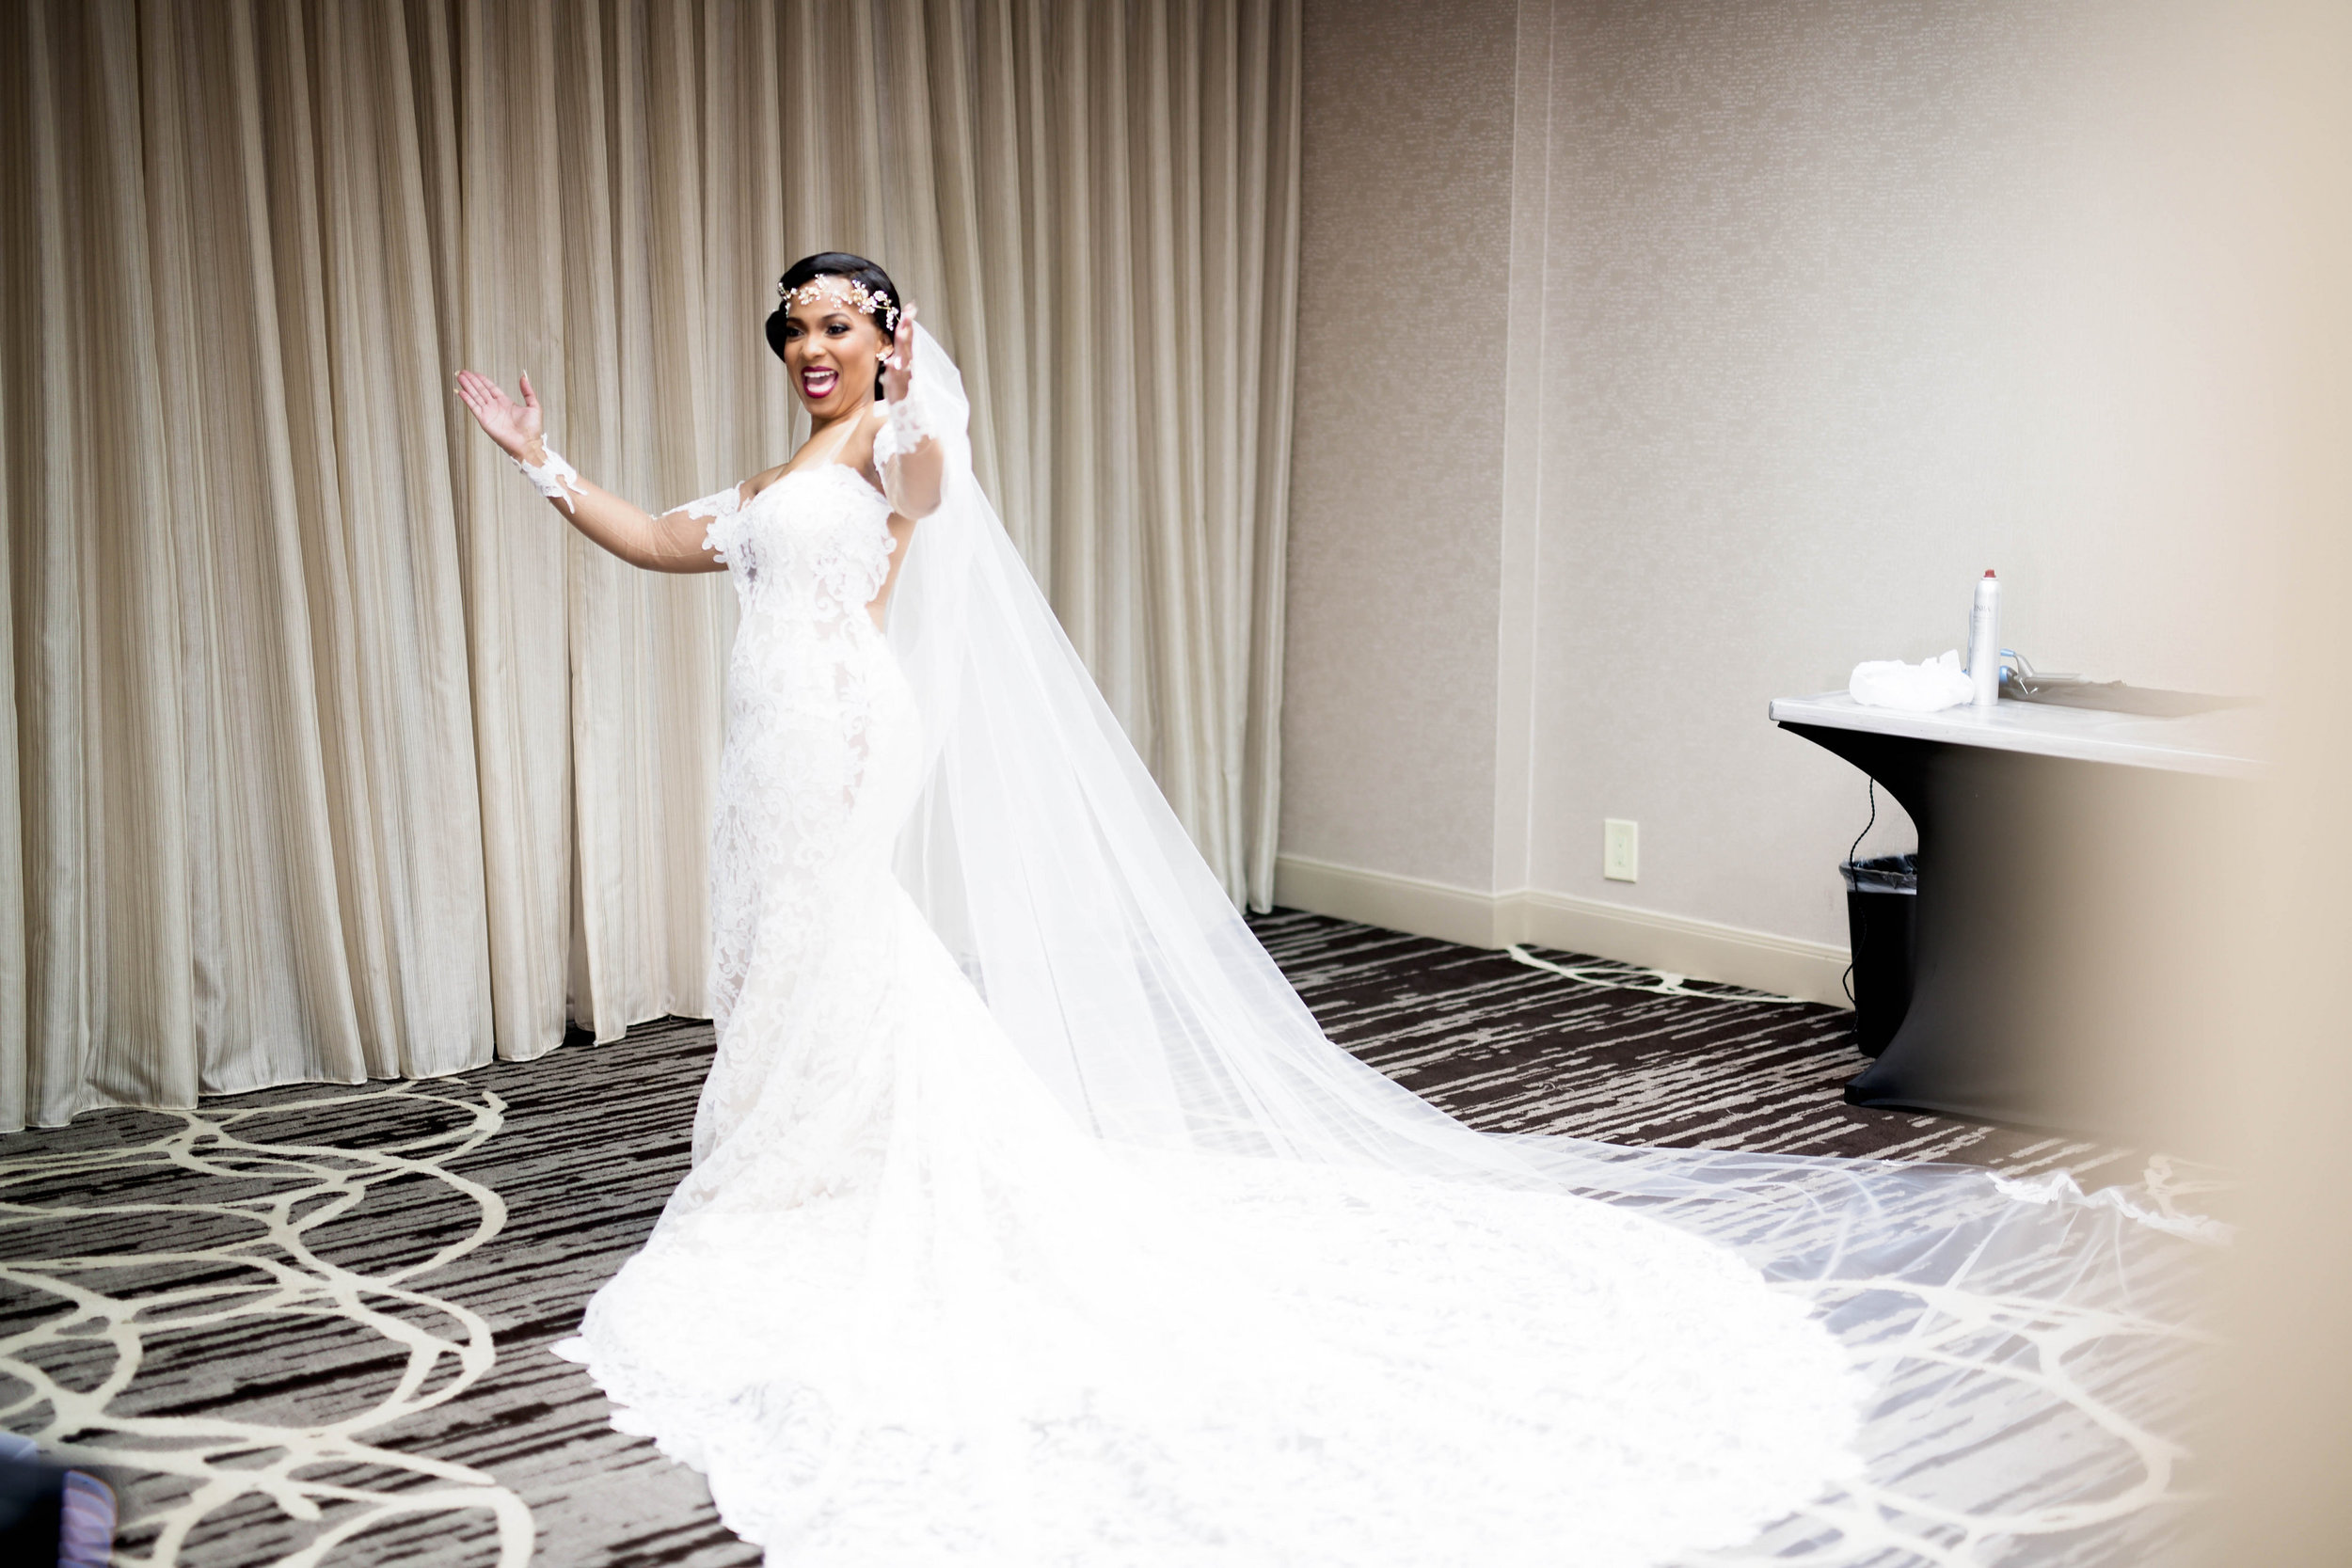 Pharris Photography- Houston Wedding- Krystyn and Joshual- Texas Wedding- Bride- Getting Ready- Lace Wedding Dress